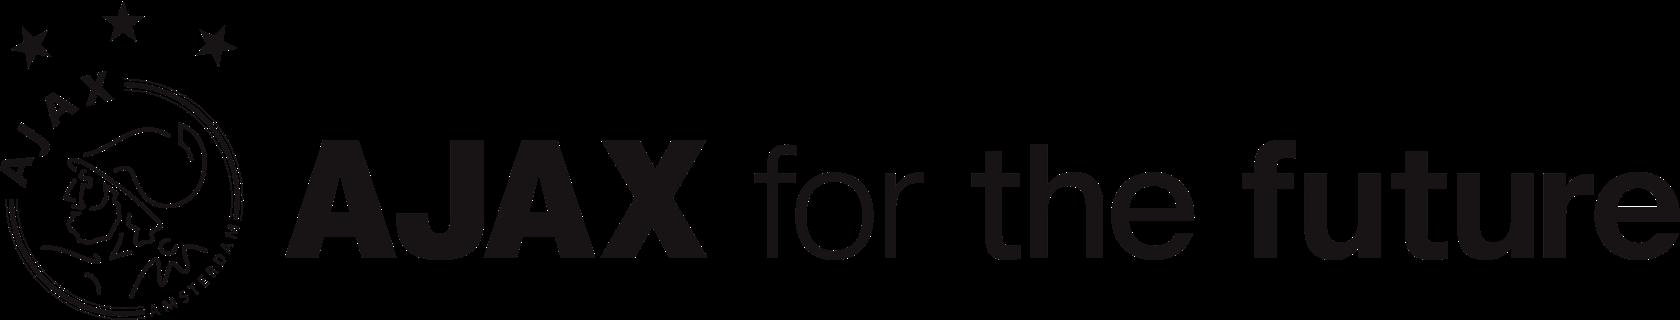 https://www.ajax.nl/media/0nhk24x4/ajax_logo_footer.png